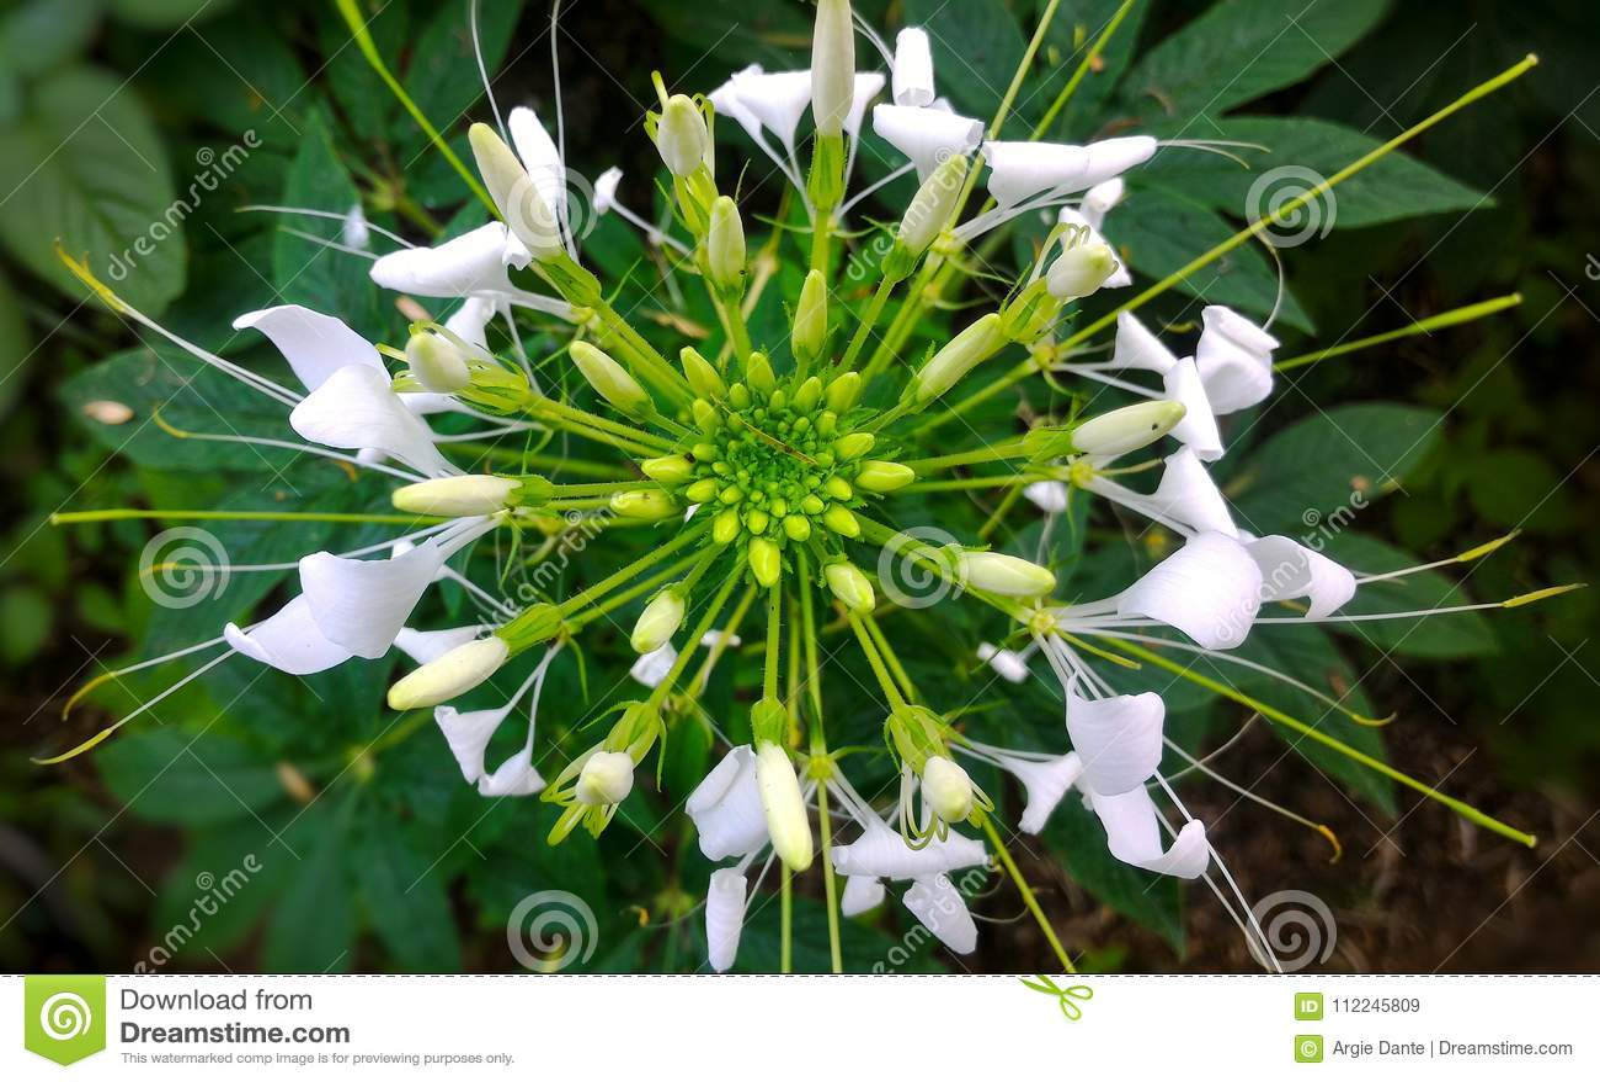 White Spider Flower Stock Image Image Of Garden Symmetrical